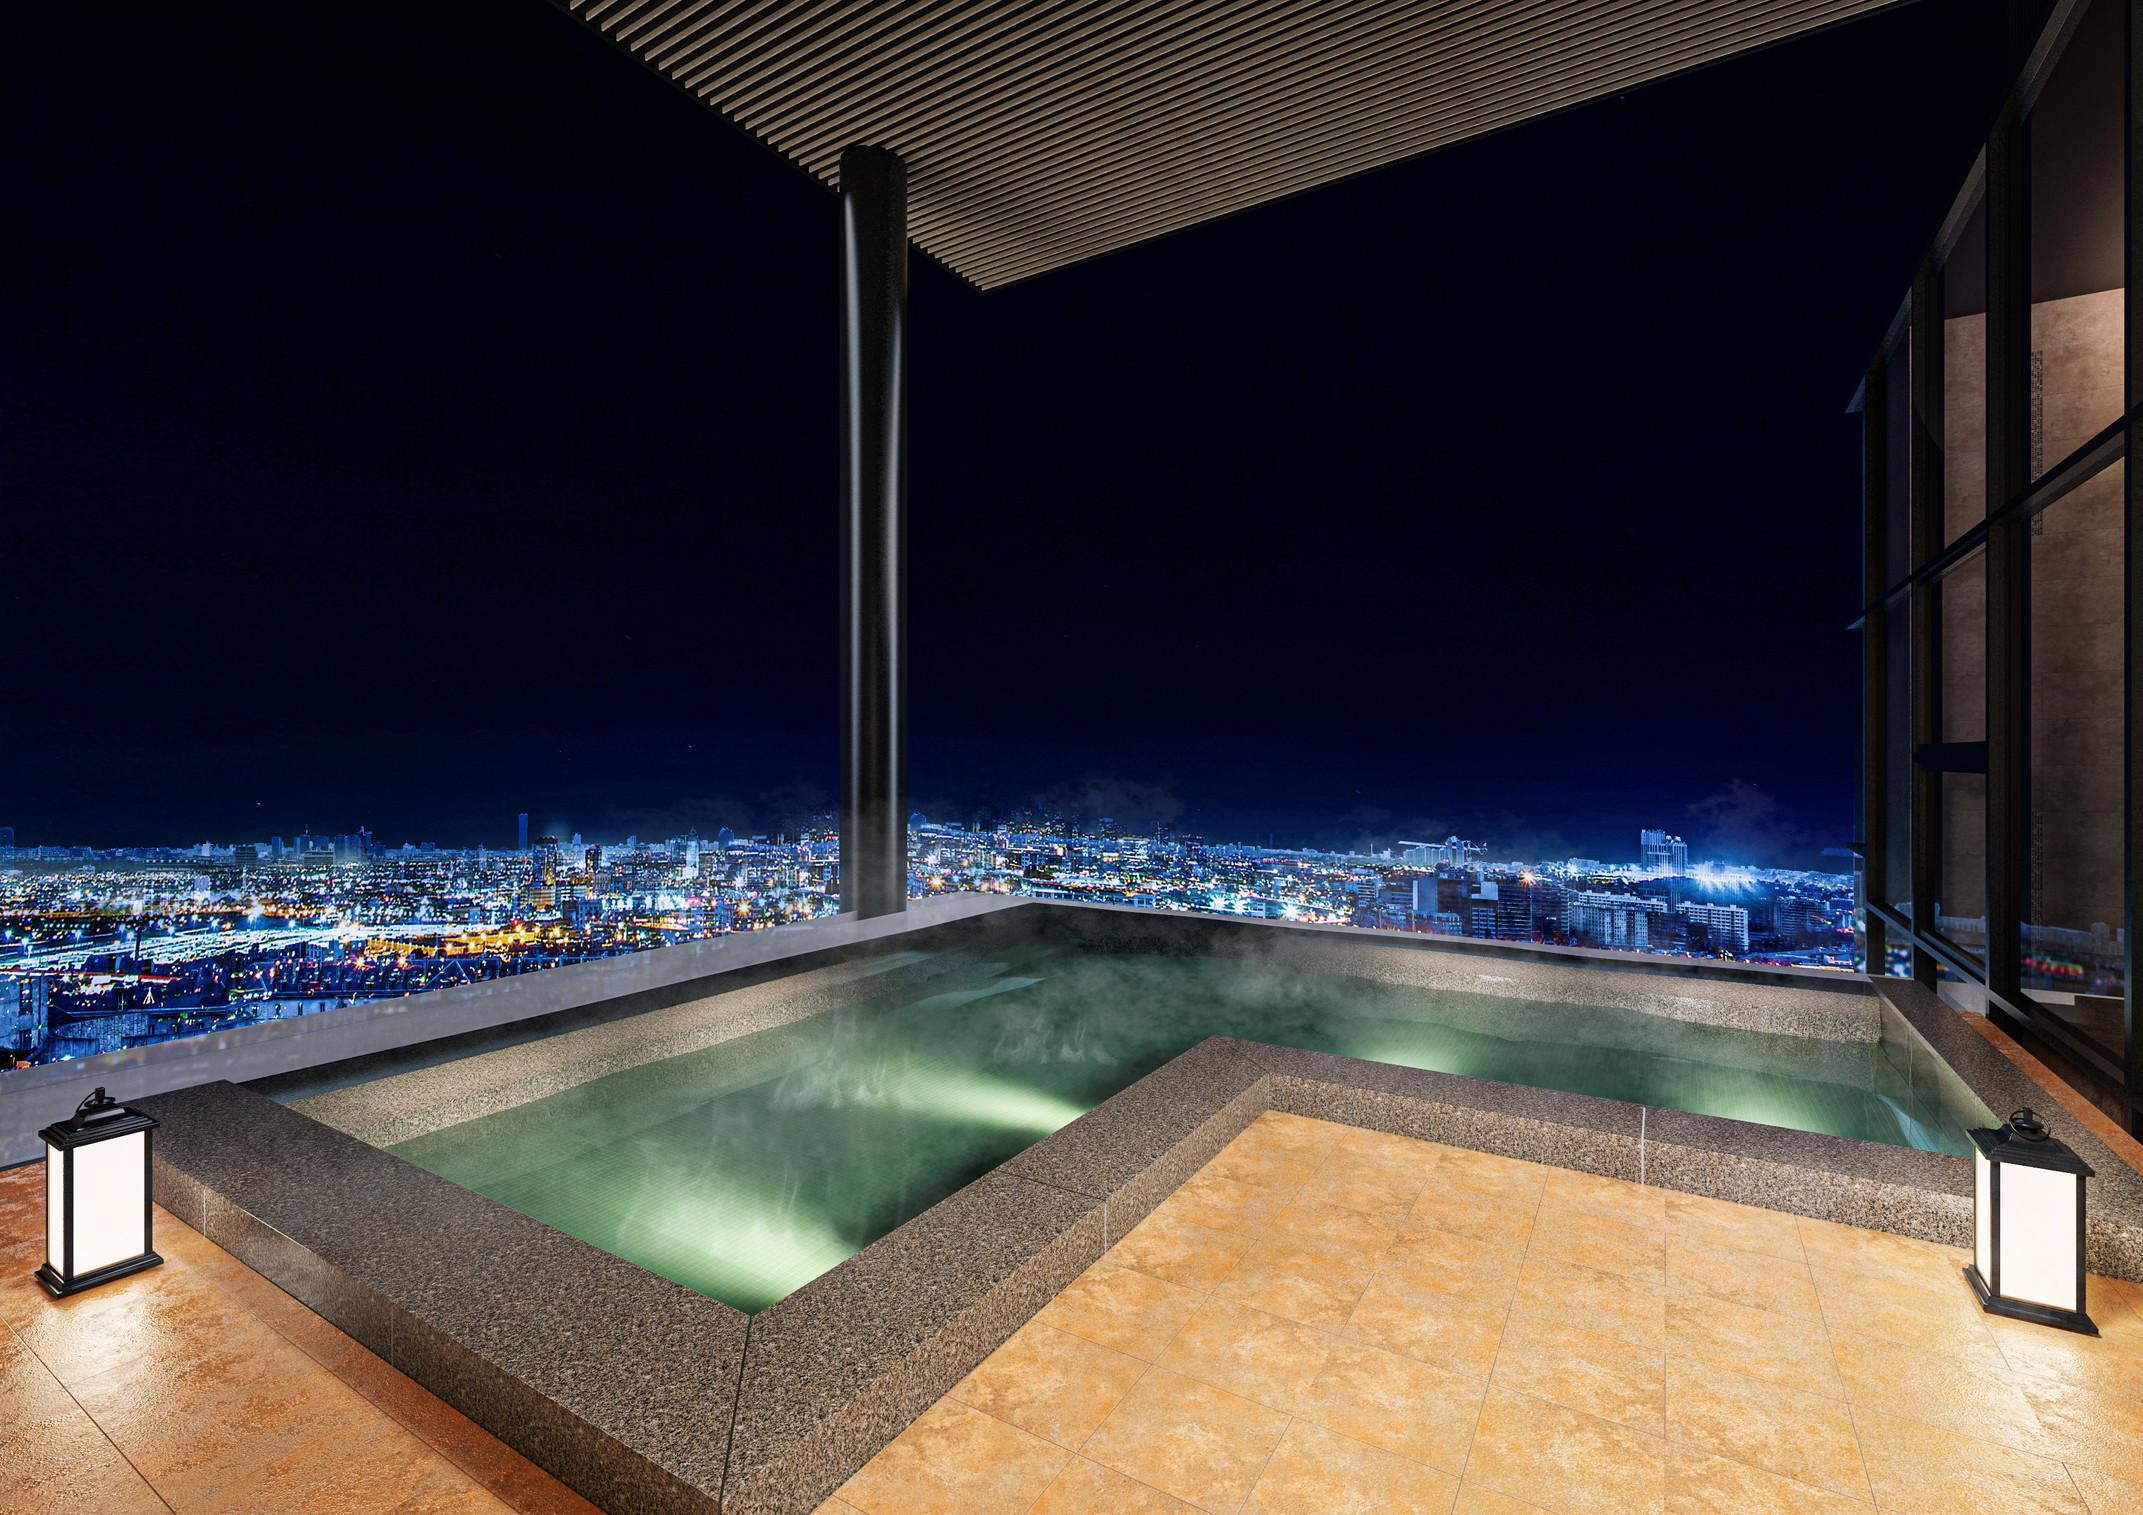 「カンデオホテルズ大阪堂島浜」が2024年夏開業 《地上135m「天空のスカイスパ」》 (大阪)